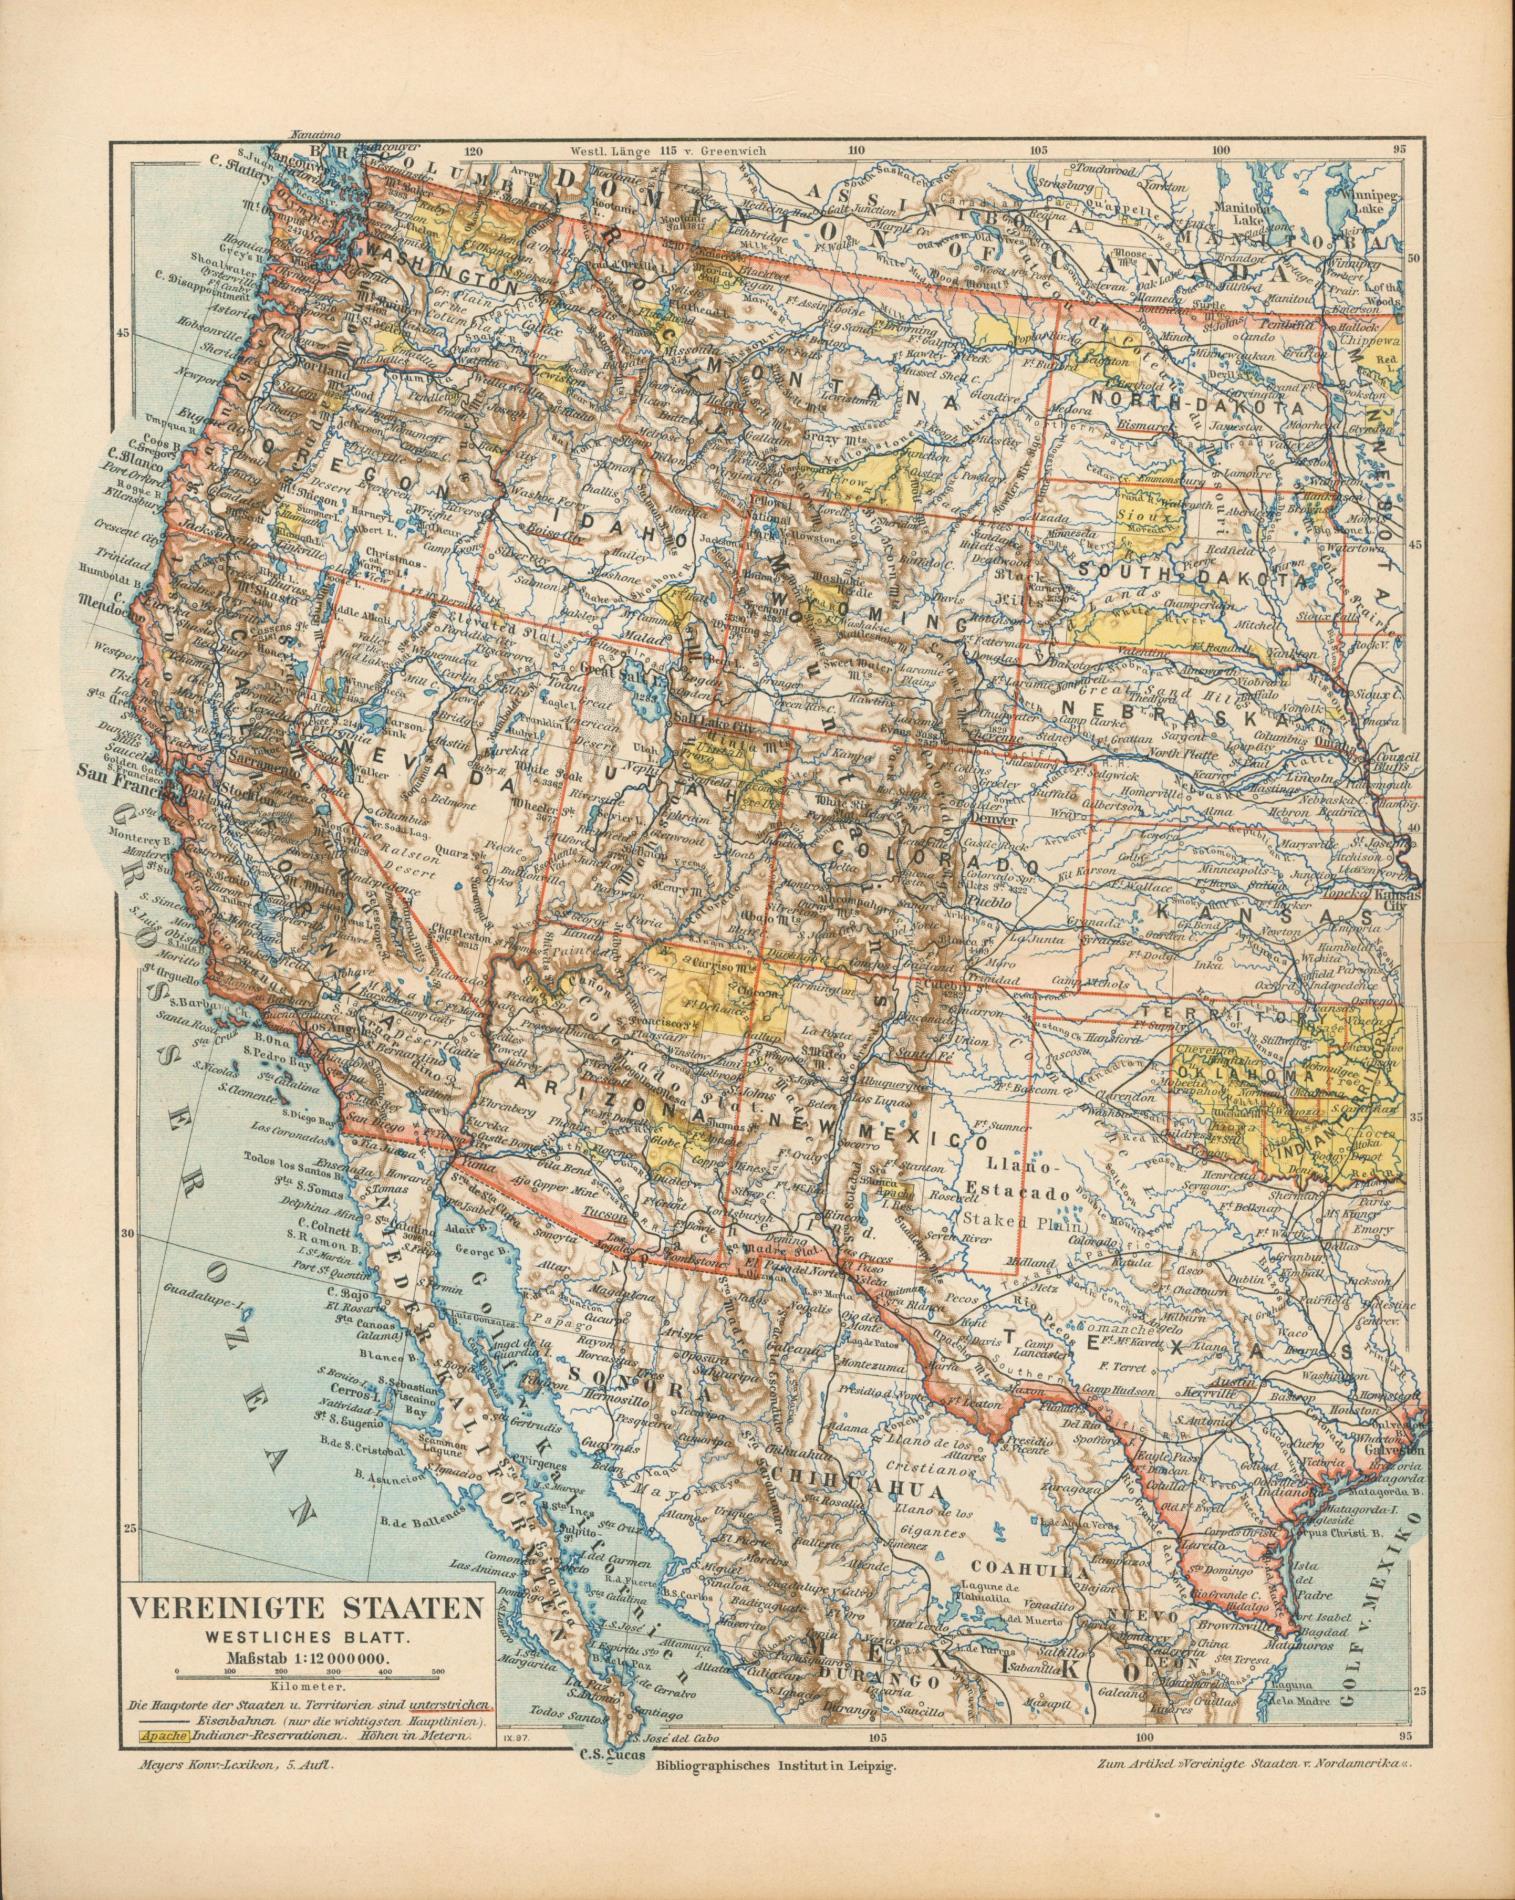 Vereinigte Staaten , westliches Blatt von 1897,Maßstab: Historische Landkarte KEIN